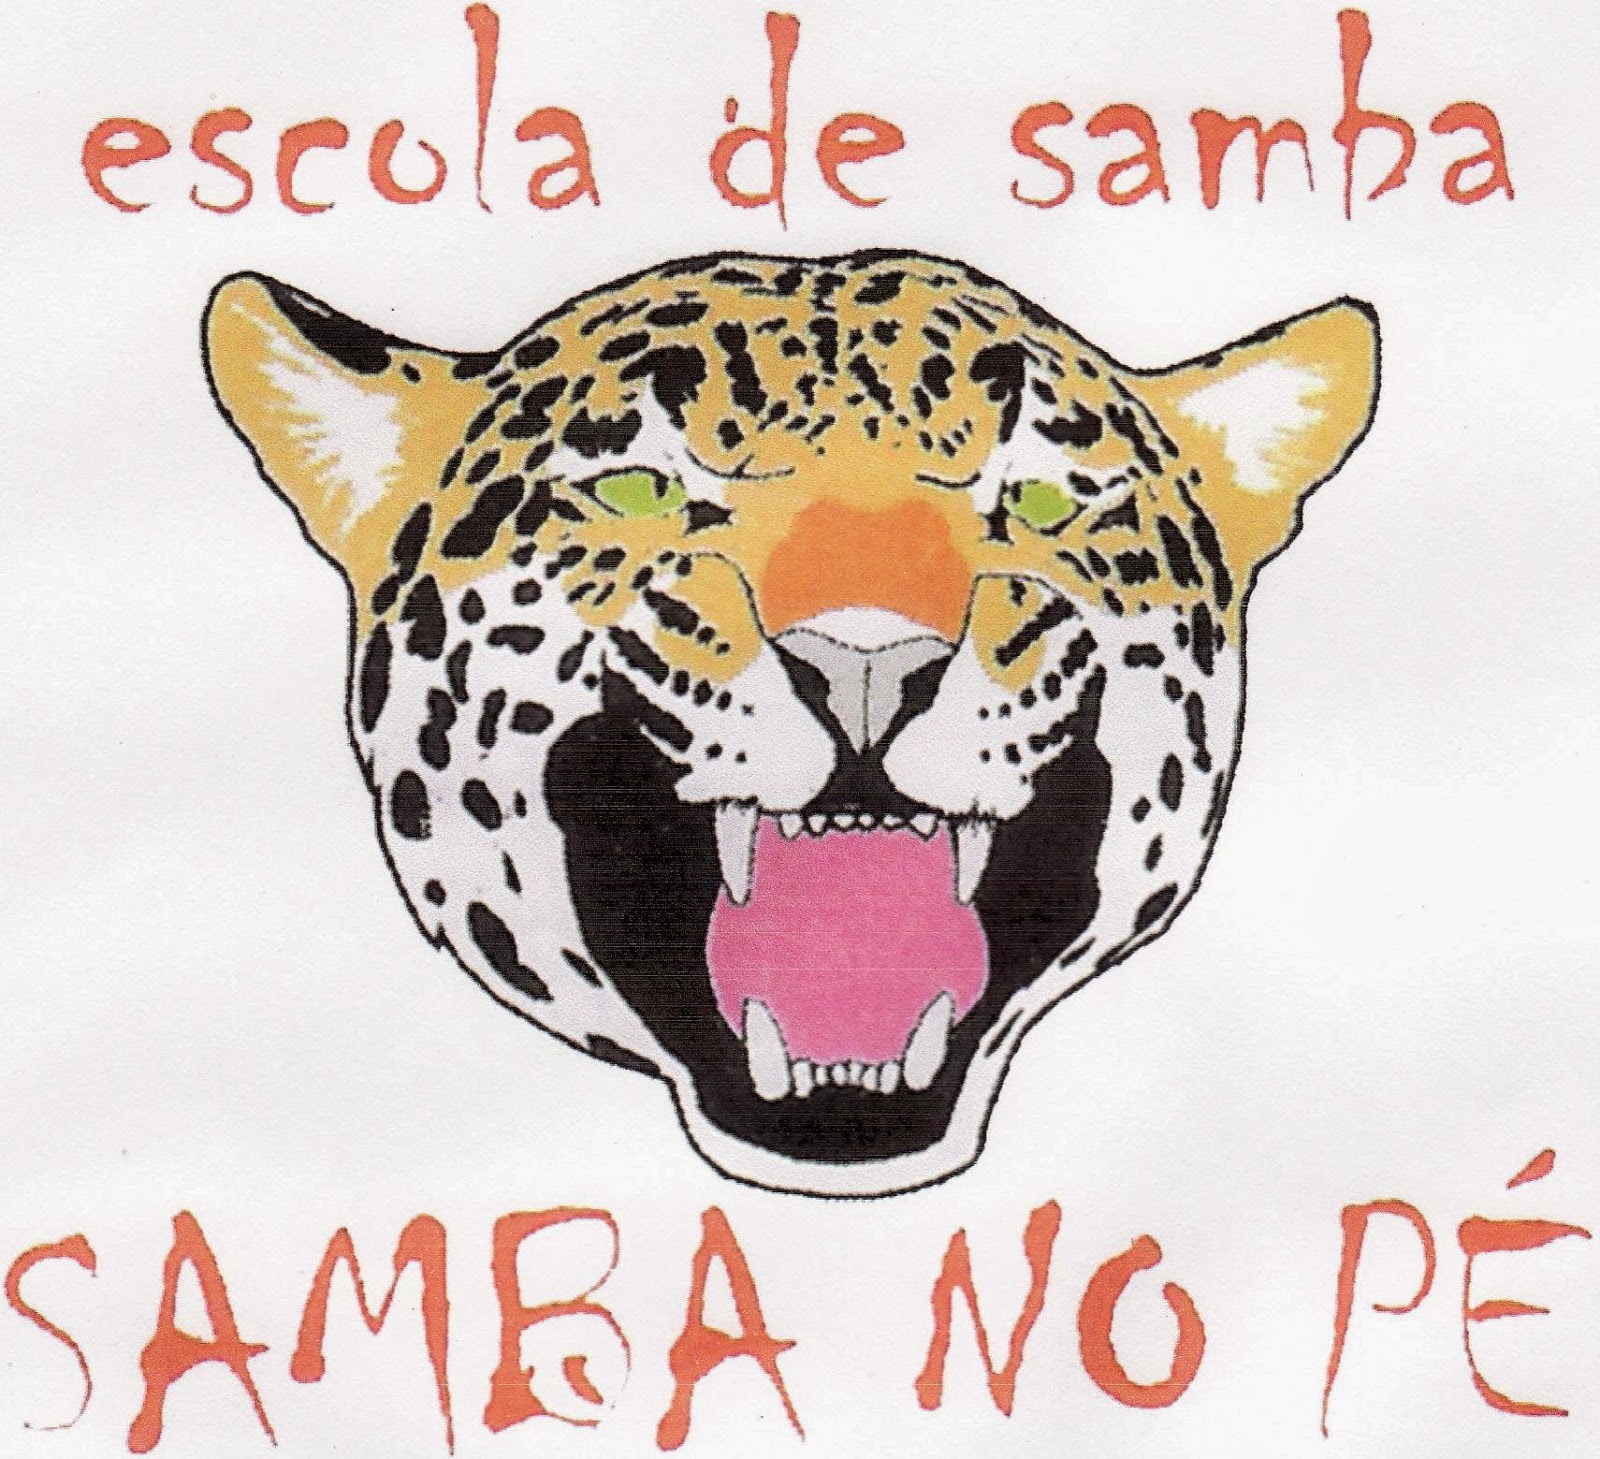 http://4.bp.blogspot.com/-Aq5E9JPX2VI/UzgdmTOqLvI/AAAAAAAACP0/VmmLp0gR5MQ/s1600/ESCOLA+DE+SAMBA+SAMBA+NO+P%C3%89.jpg